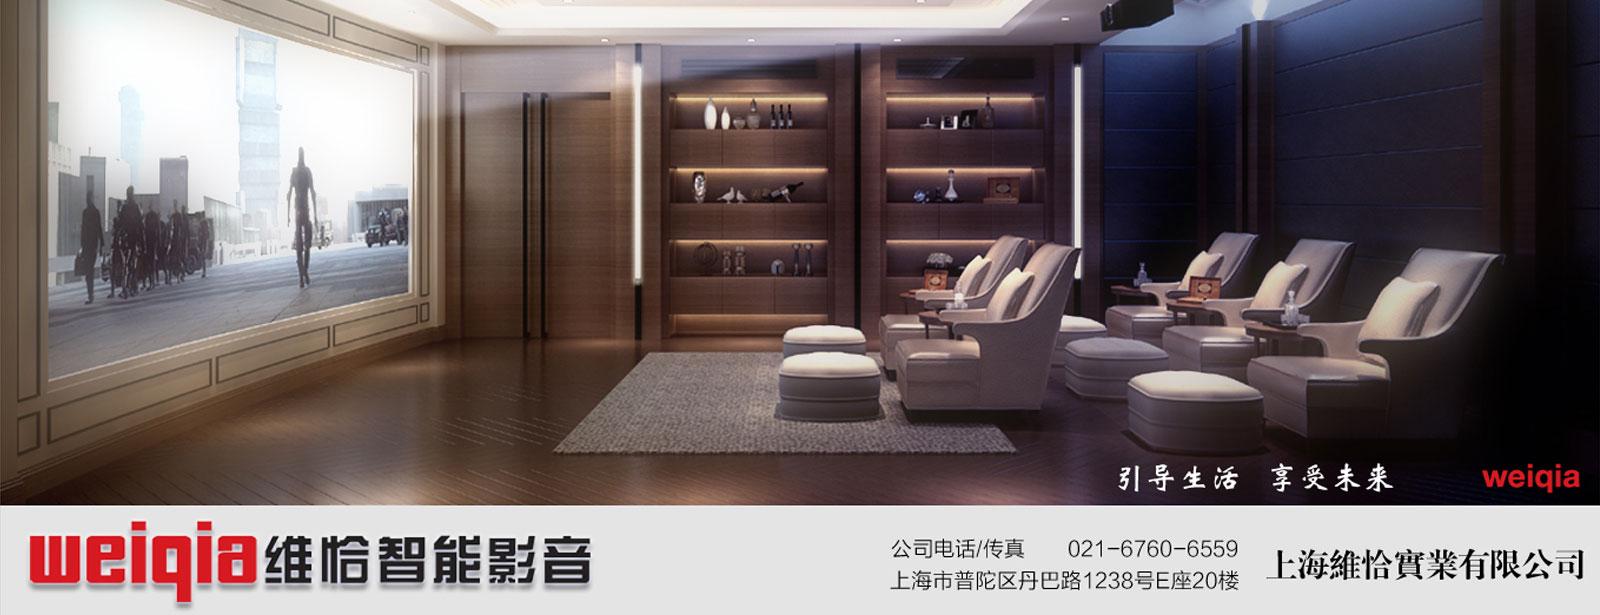 长宁区别墅影视厅设计高清图片